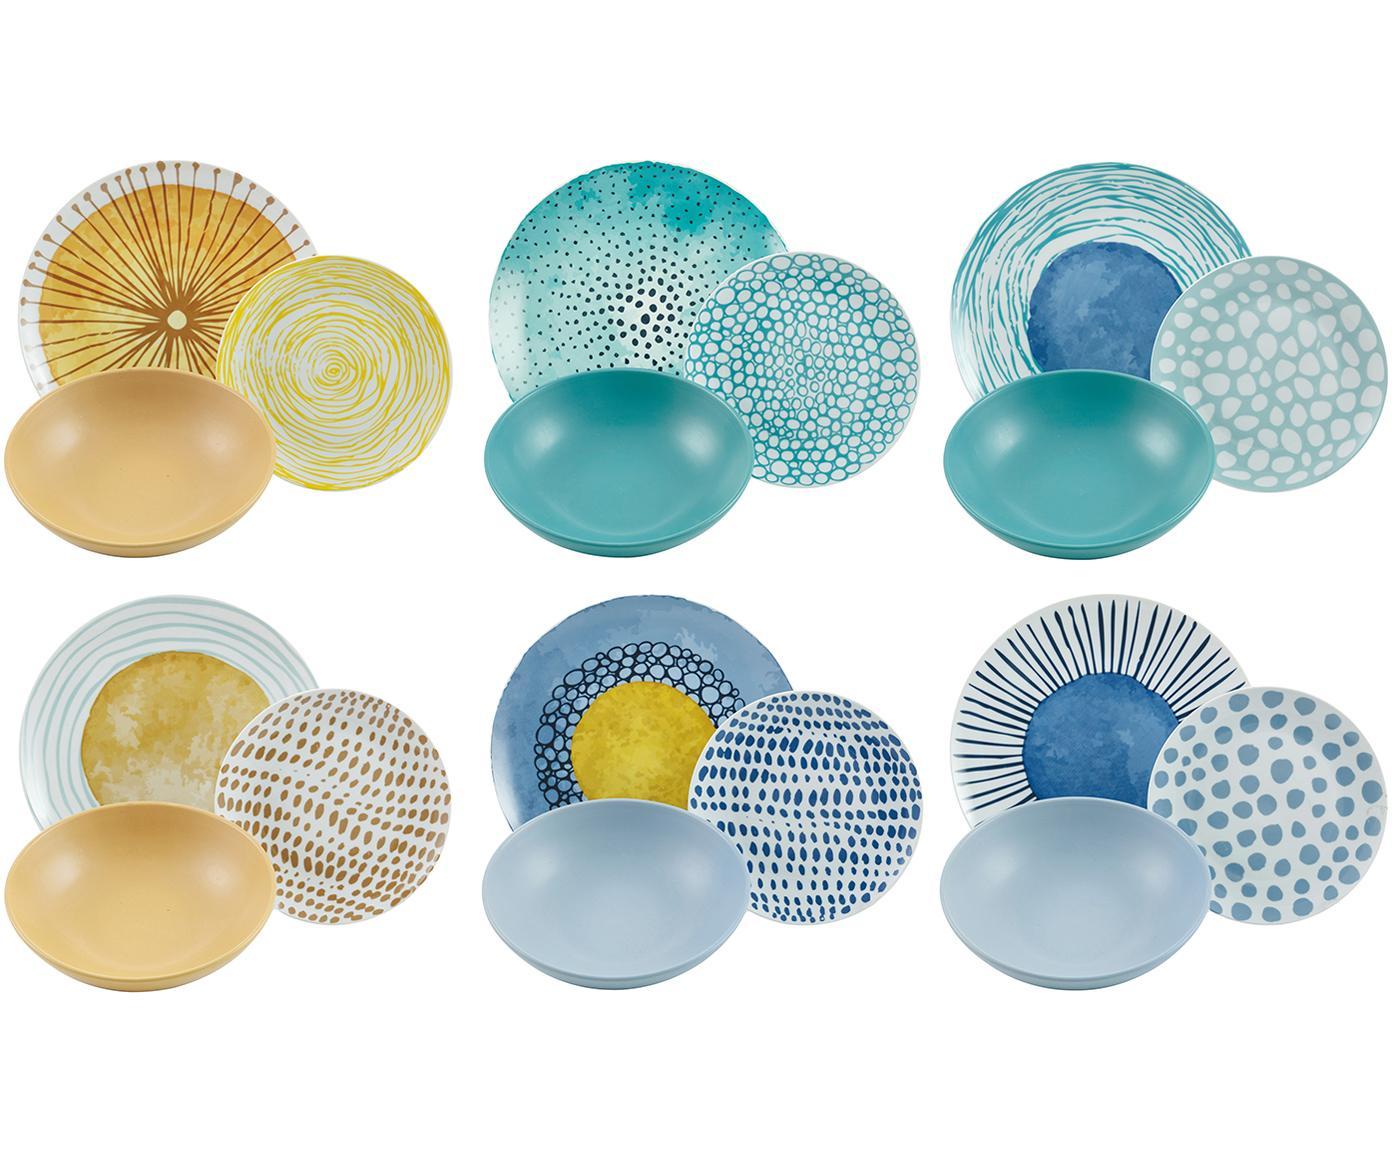 Vajilla Marea, 6comensales (18pzas.), Porcelana, Azul, blanco, amarillo, Tamaños diferentes